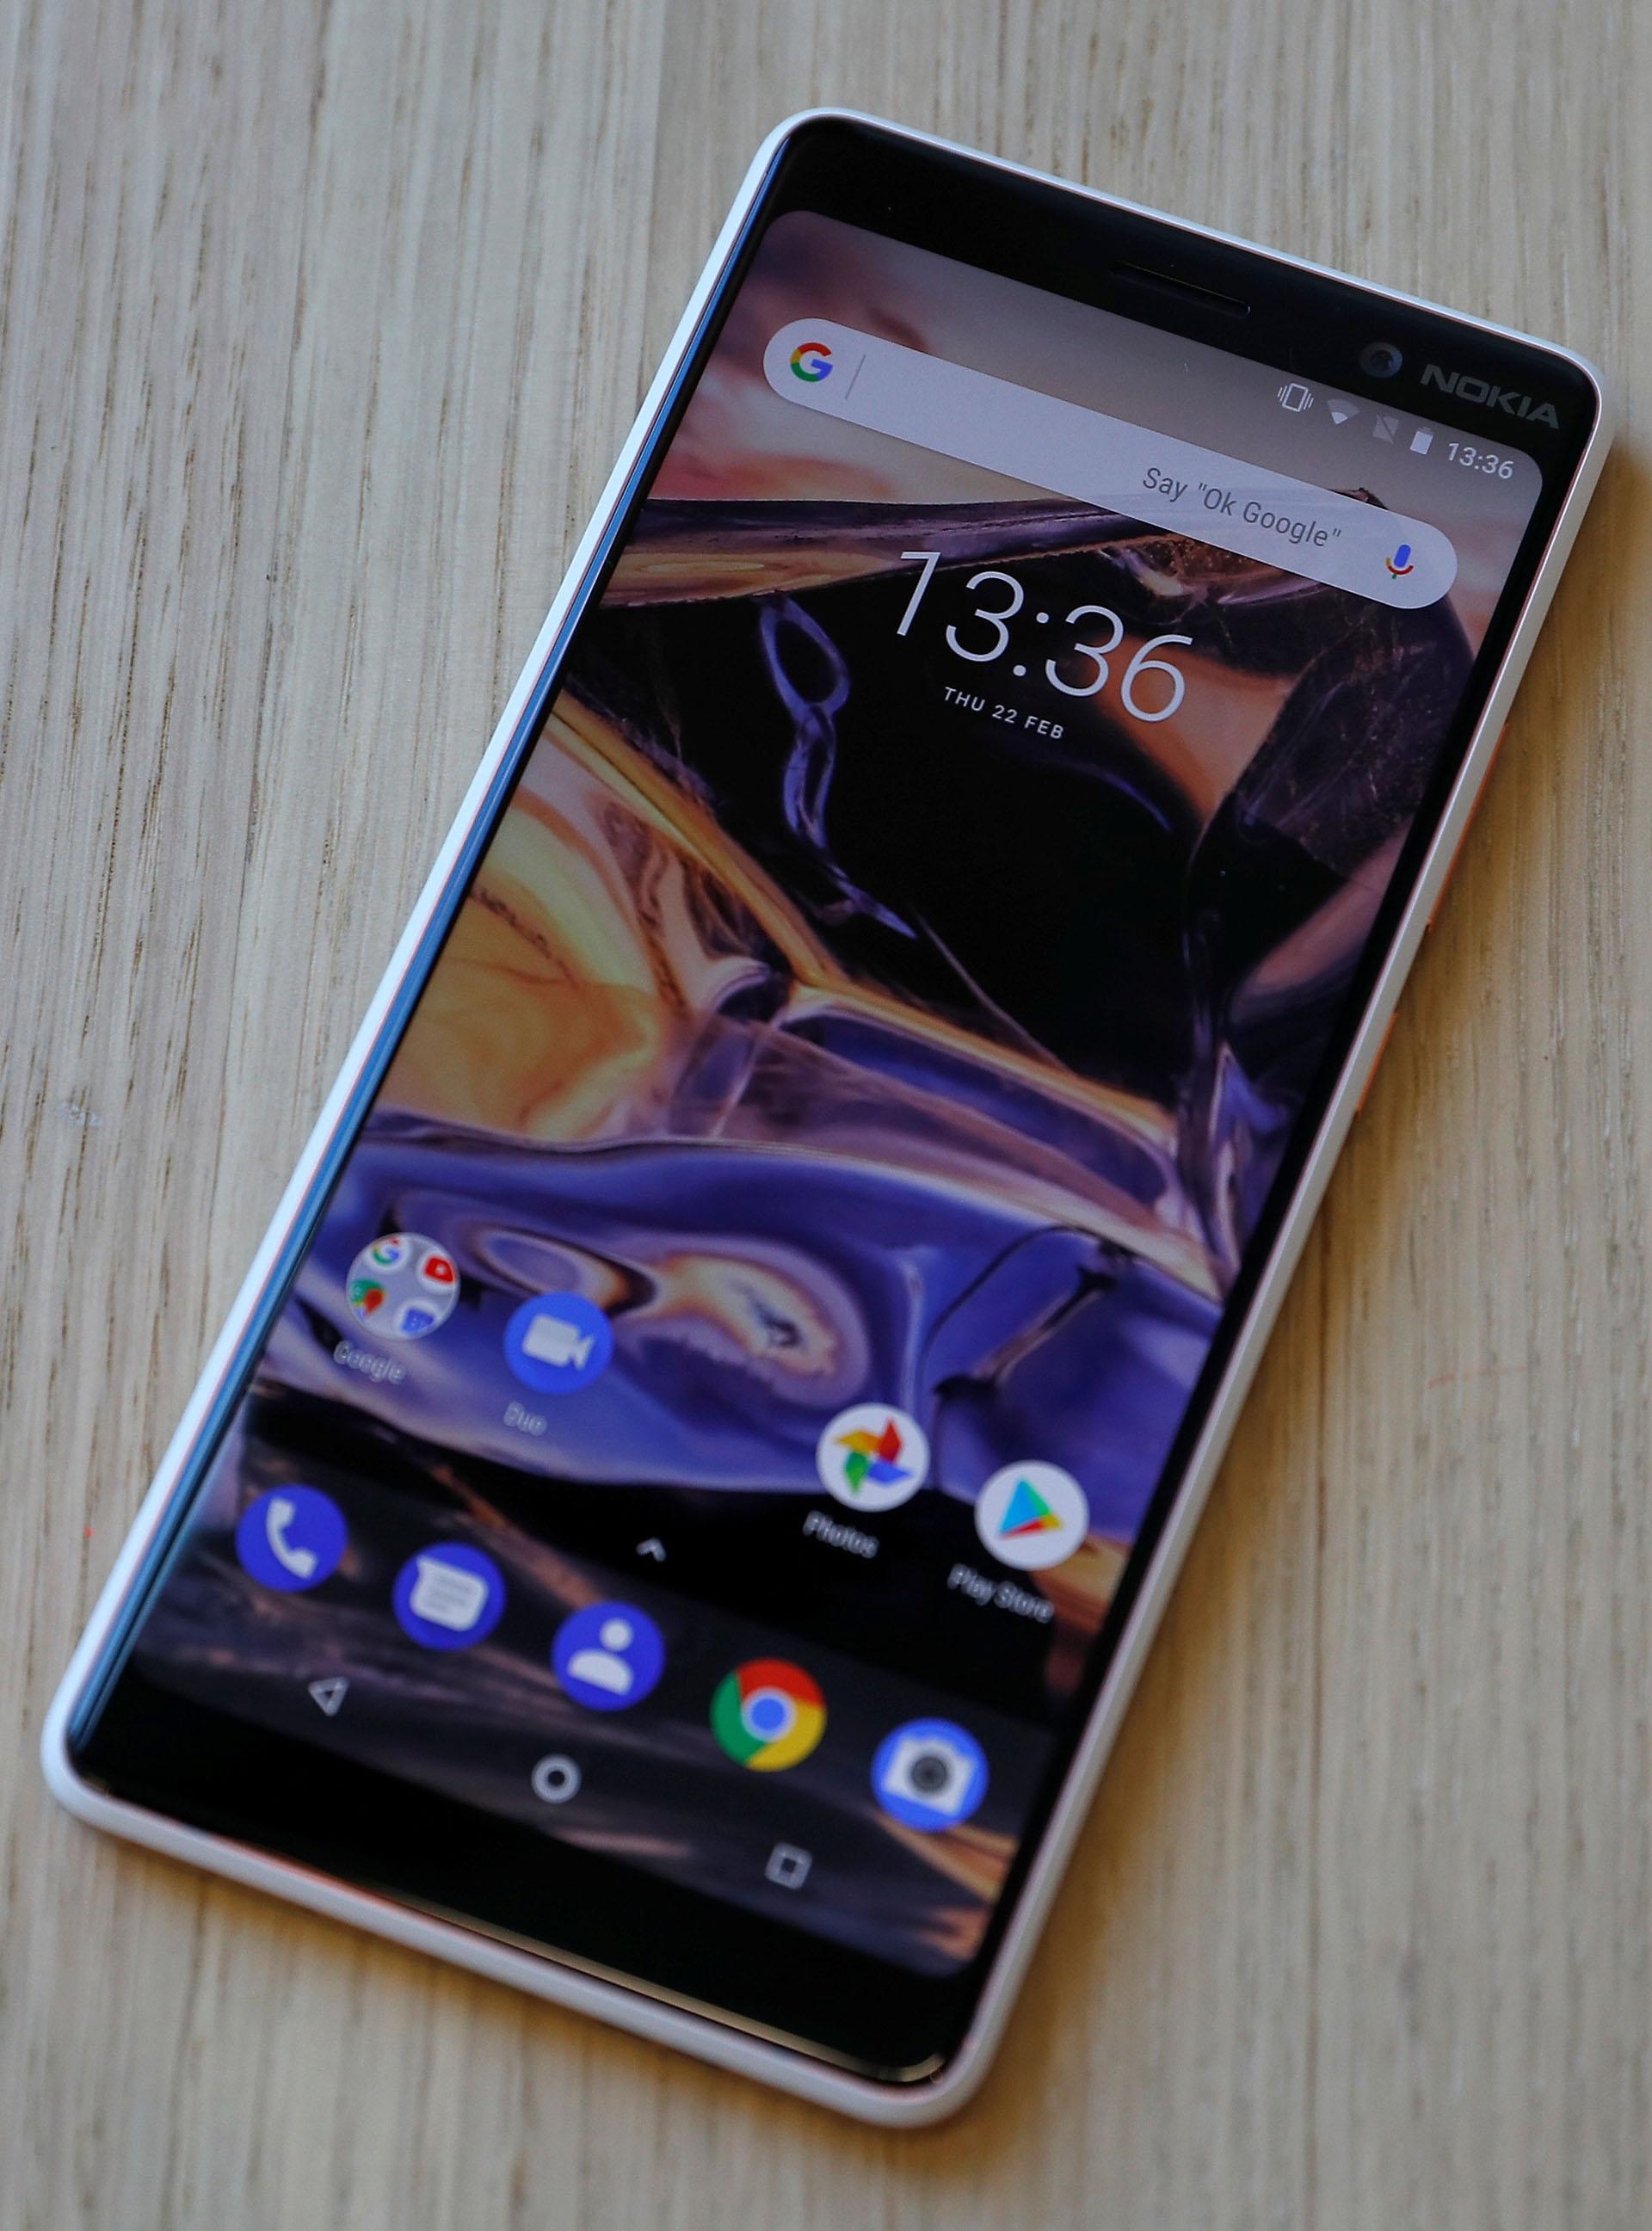 El Nokia 7 Plus saldrá a la venta en abril, en Europa (REUTERS/Peter Nicholls)